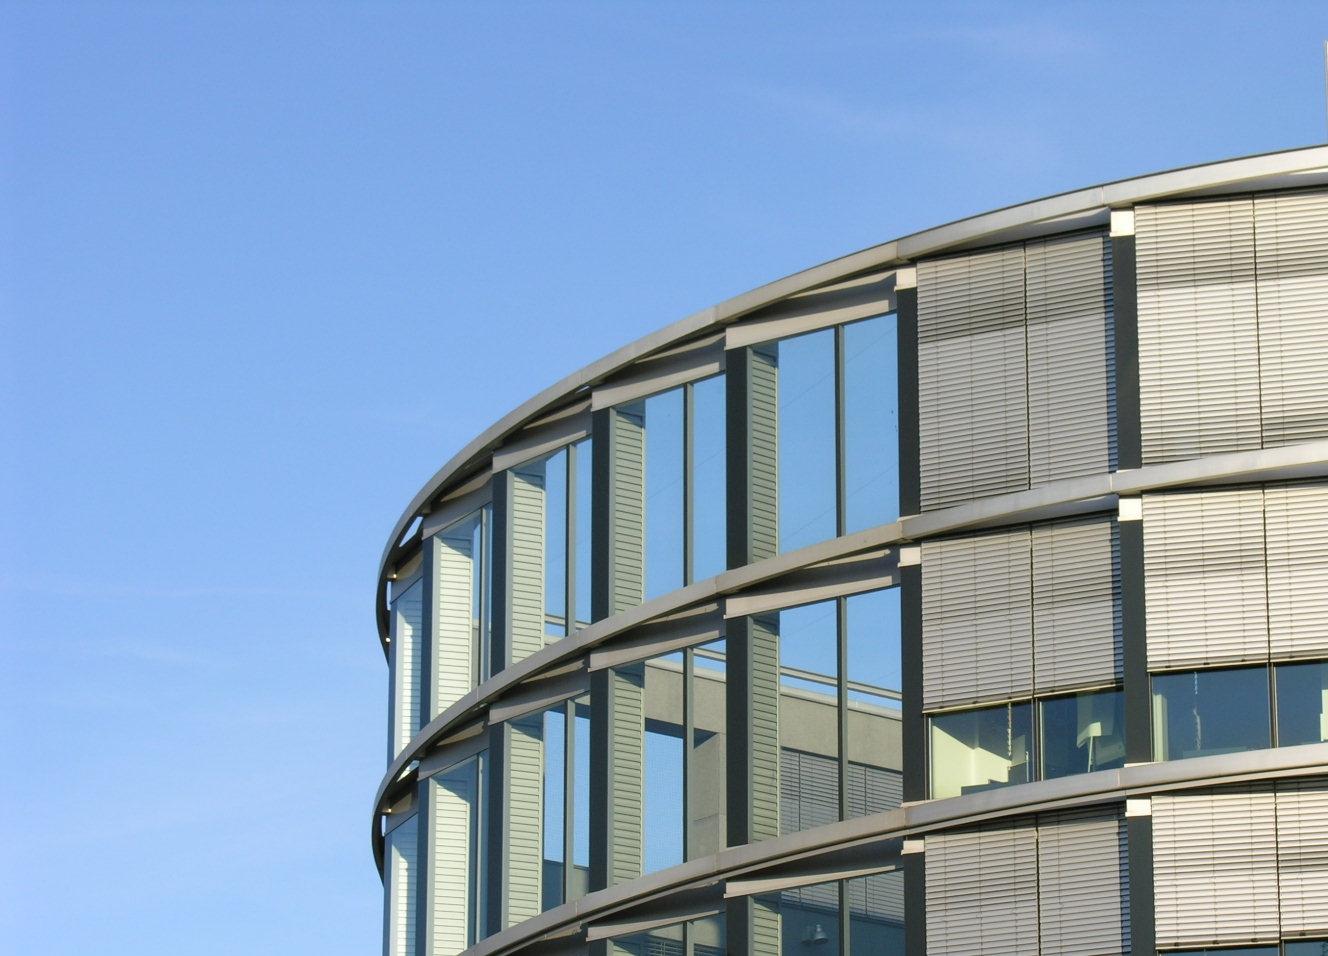 graue Stahlfassade vor blauem Himmer als Hintergrund